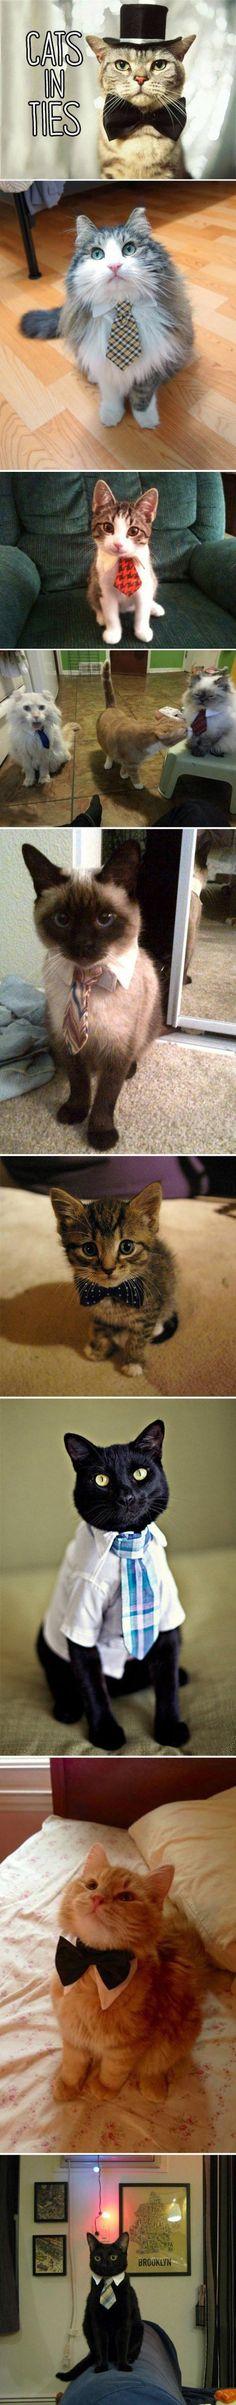 Cats in Ties